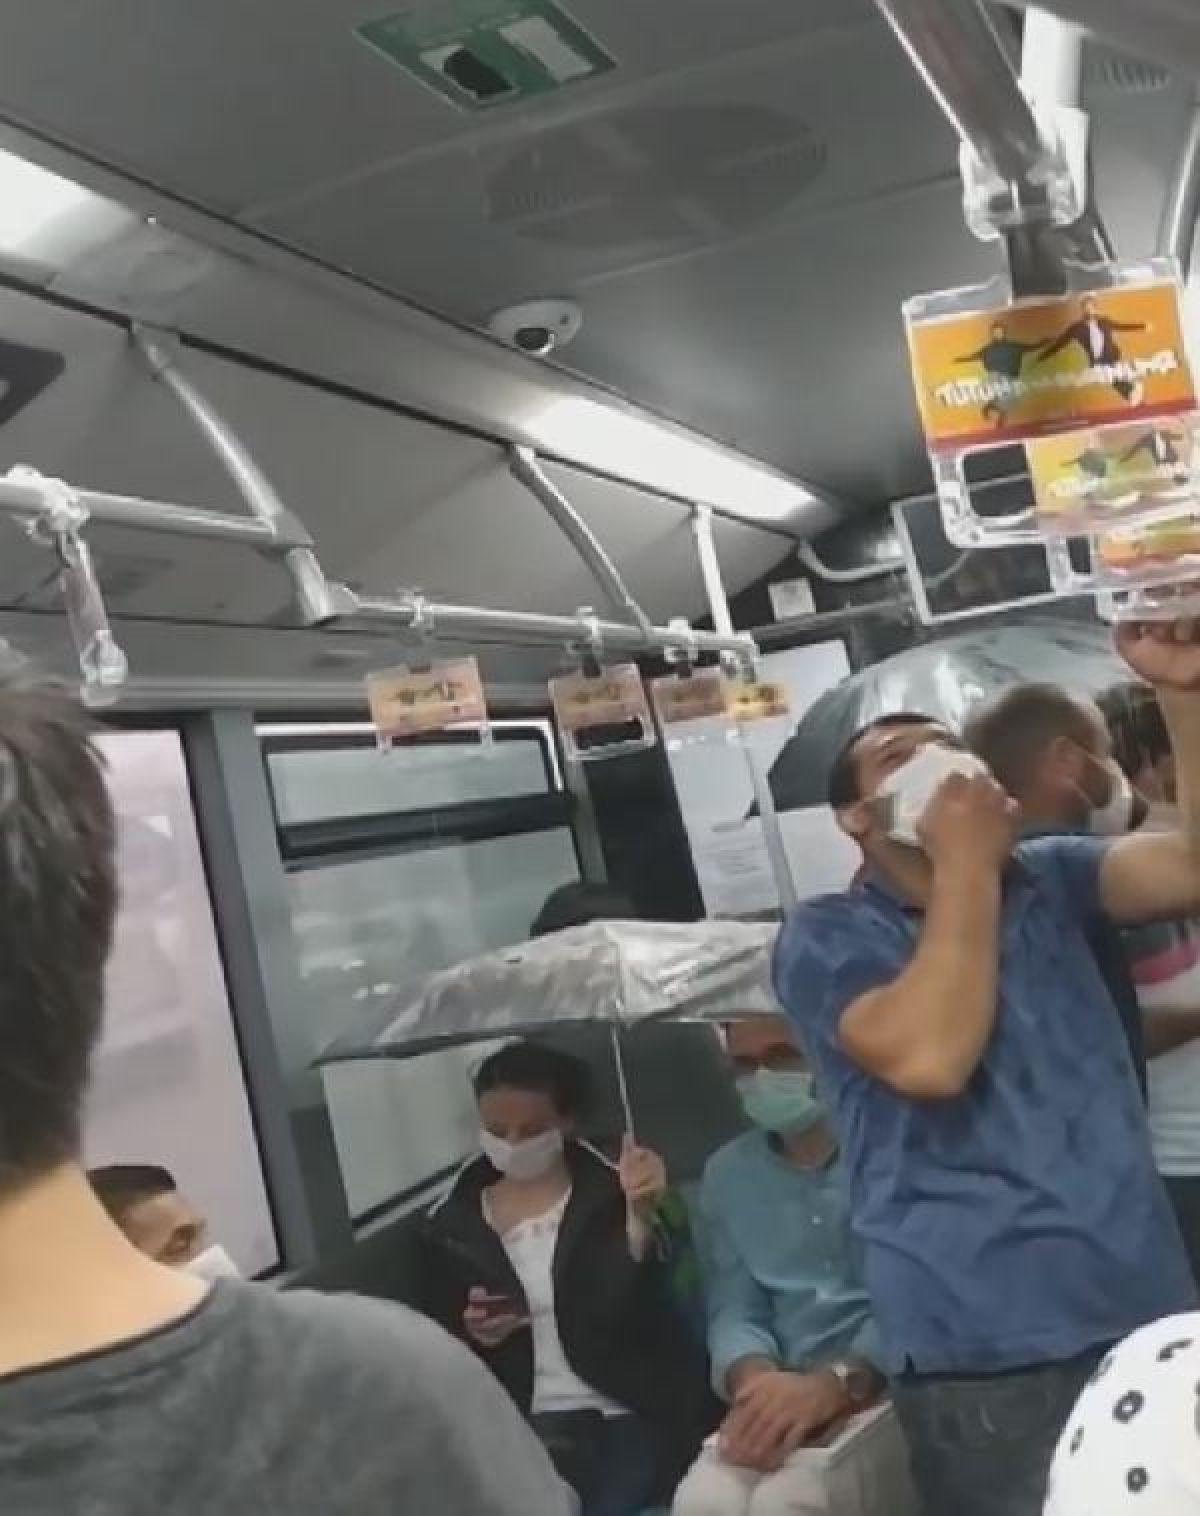 Metrobüs içinde tavandan akan sudan şemsiyeyle korundular -2